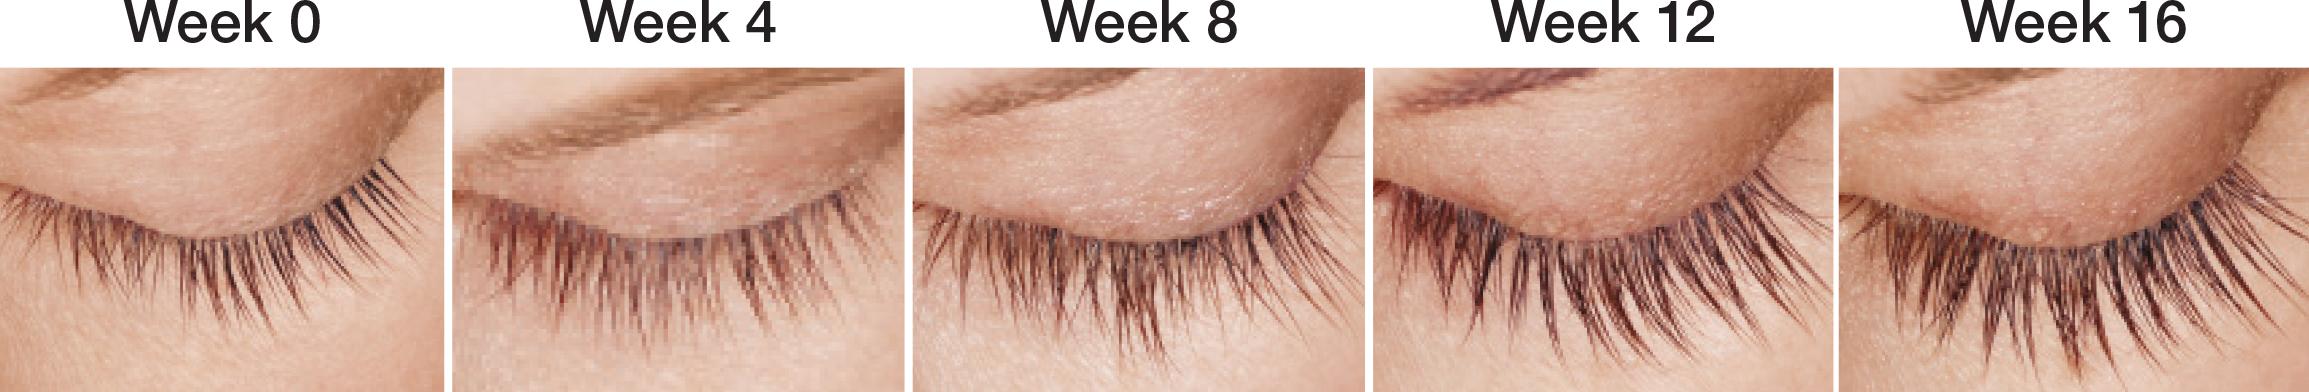 Week0-16